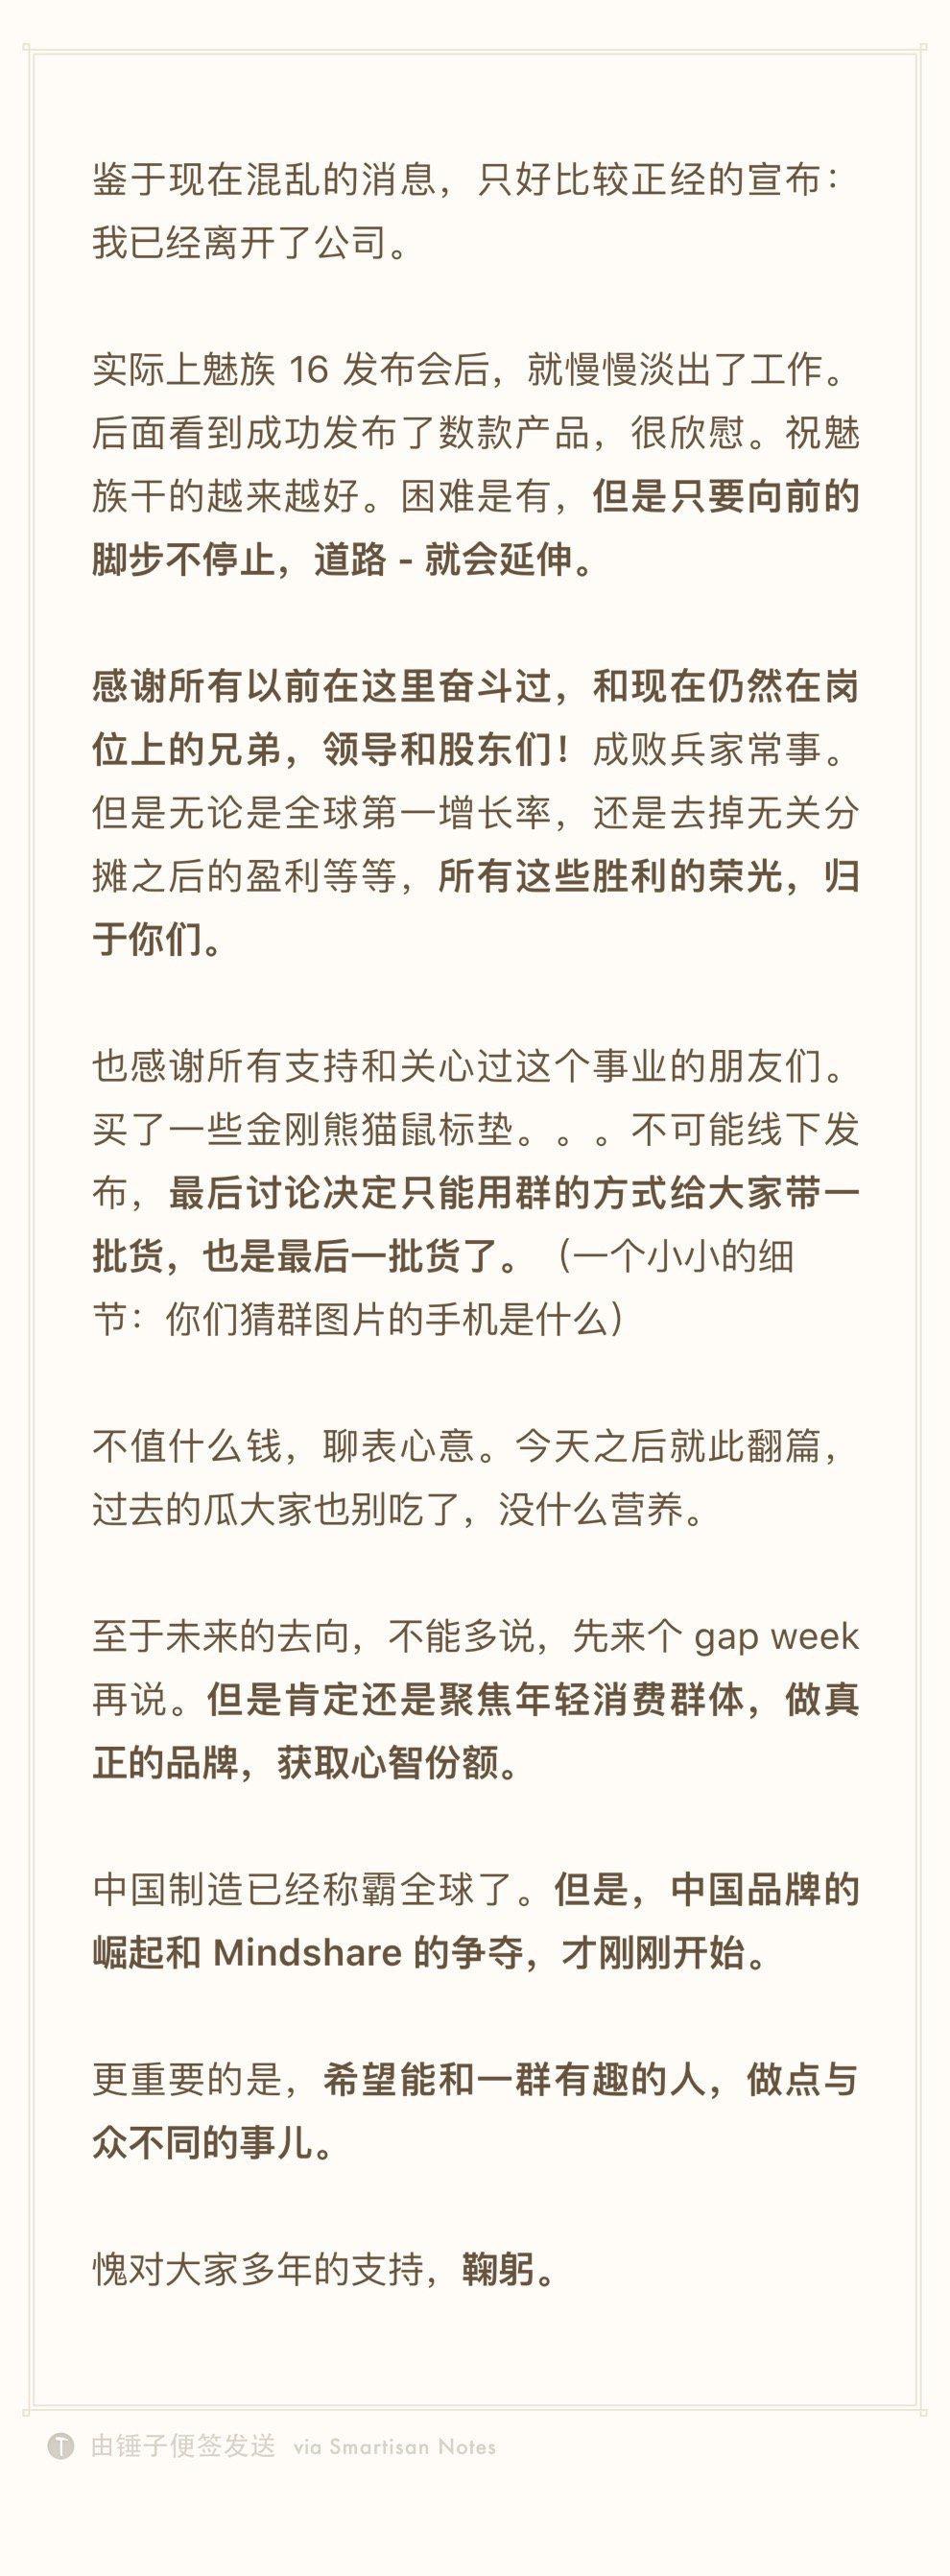 魅族李楠宣布已经离职:去年已慢慢淡出了工作